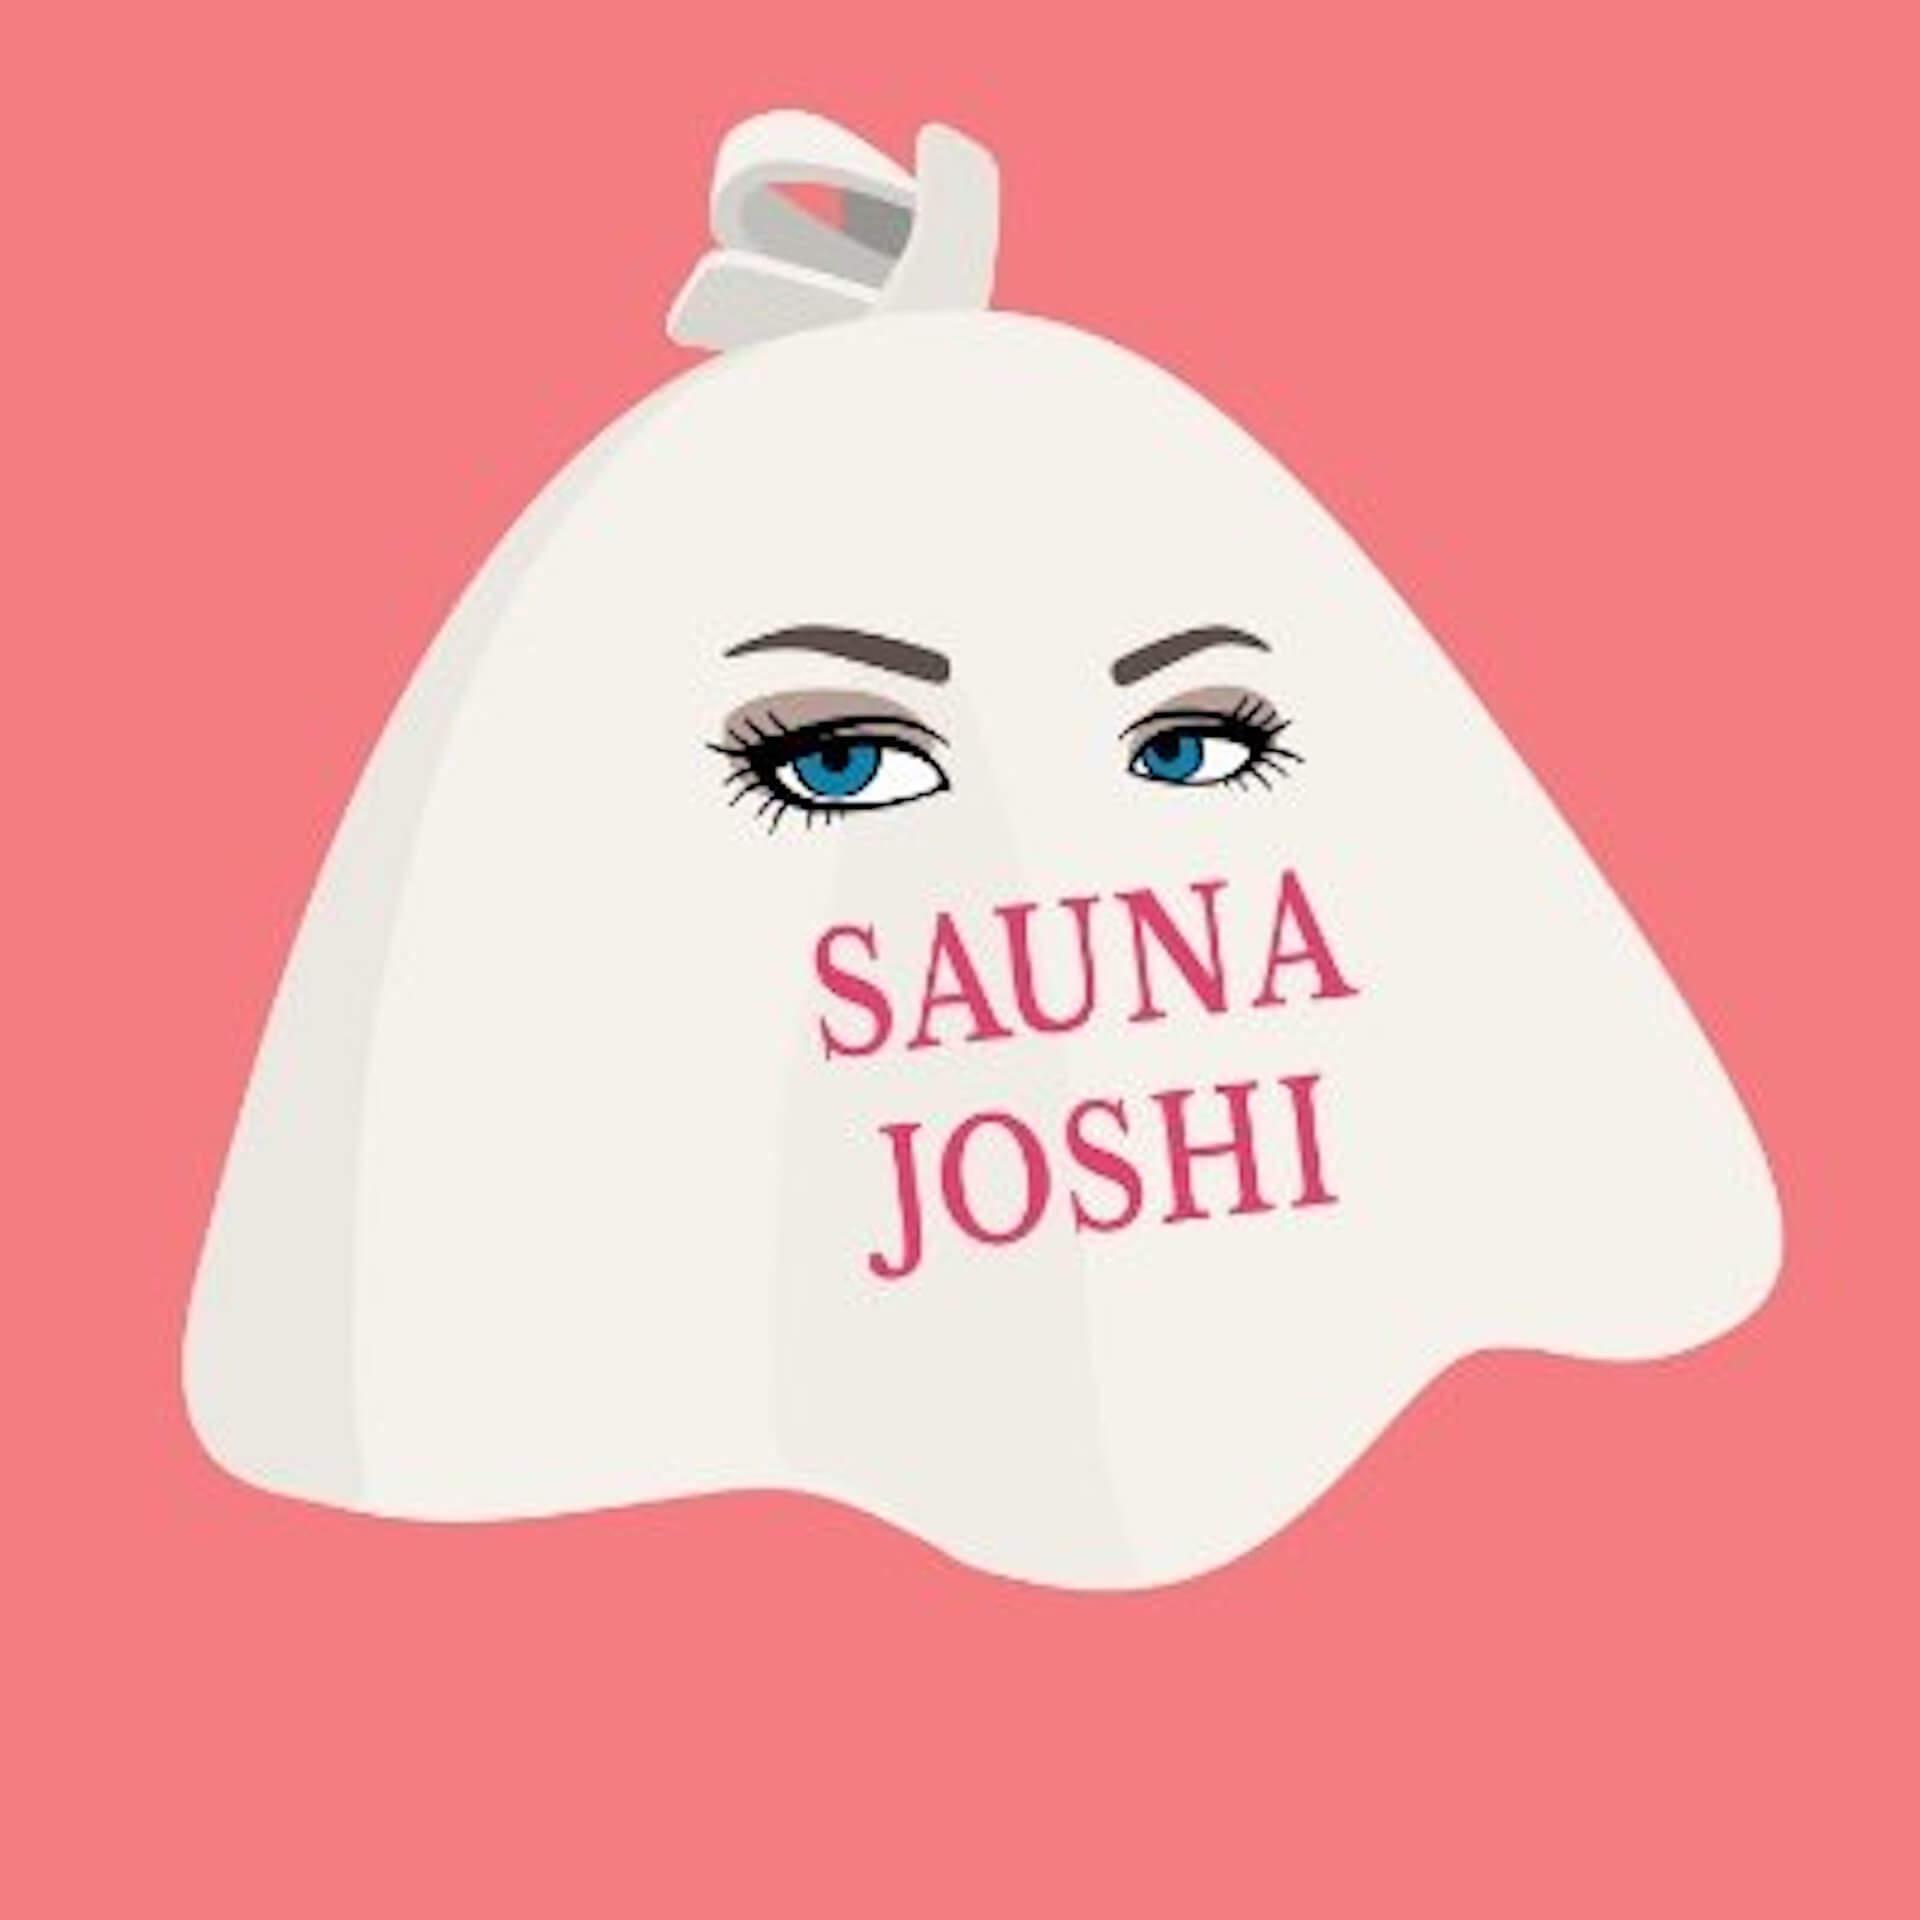 女性にこそ知ってほしいサウナの魅力が満載!覆面サウナー・サウナ女子による『女性のためのサウナ・ハンドブック サウナ女子の世界』が本日発売 culture201215_saunagirl_2